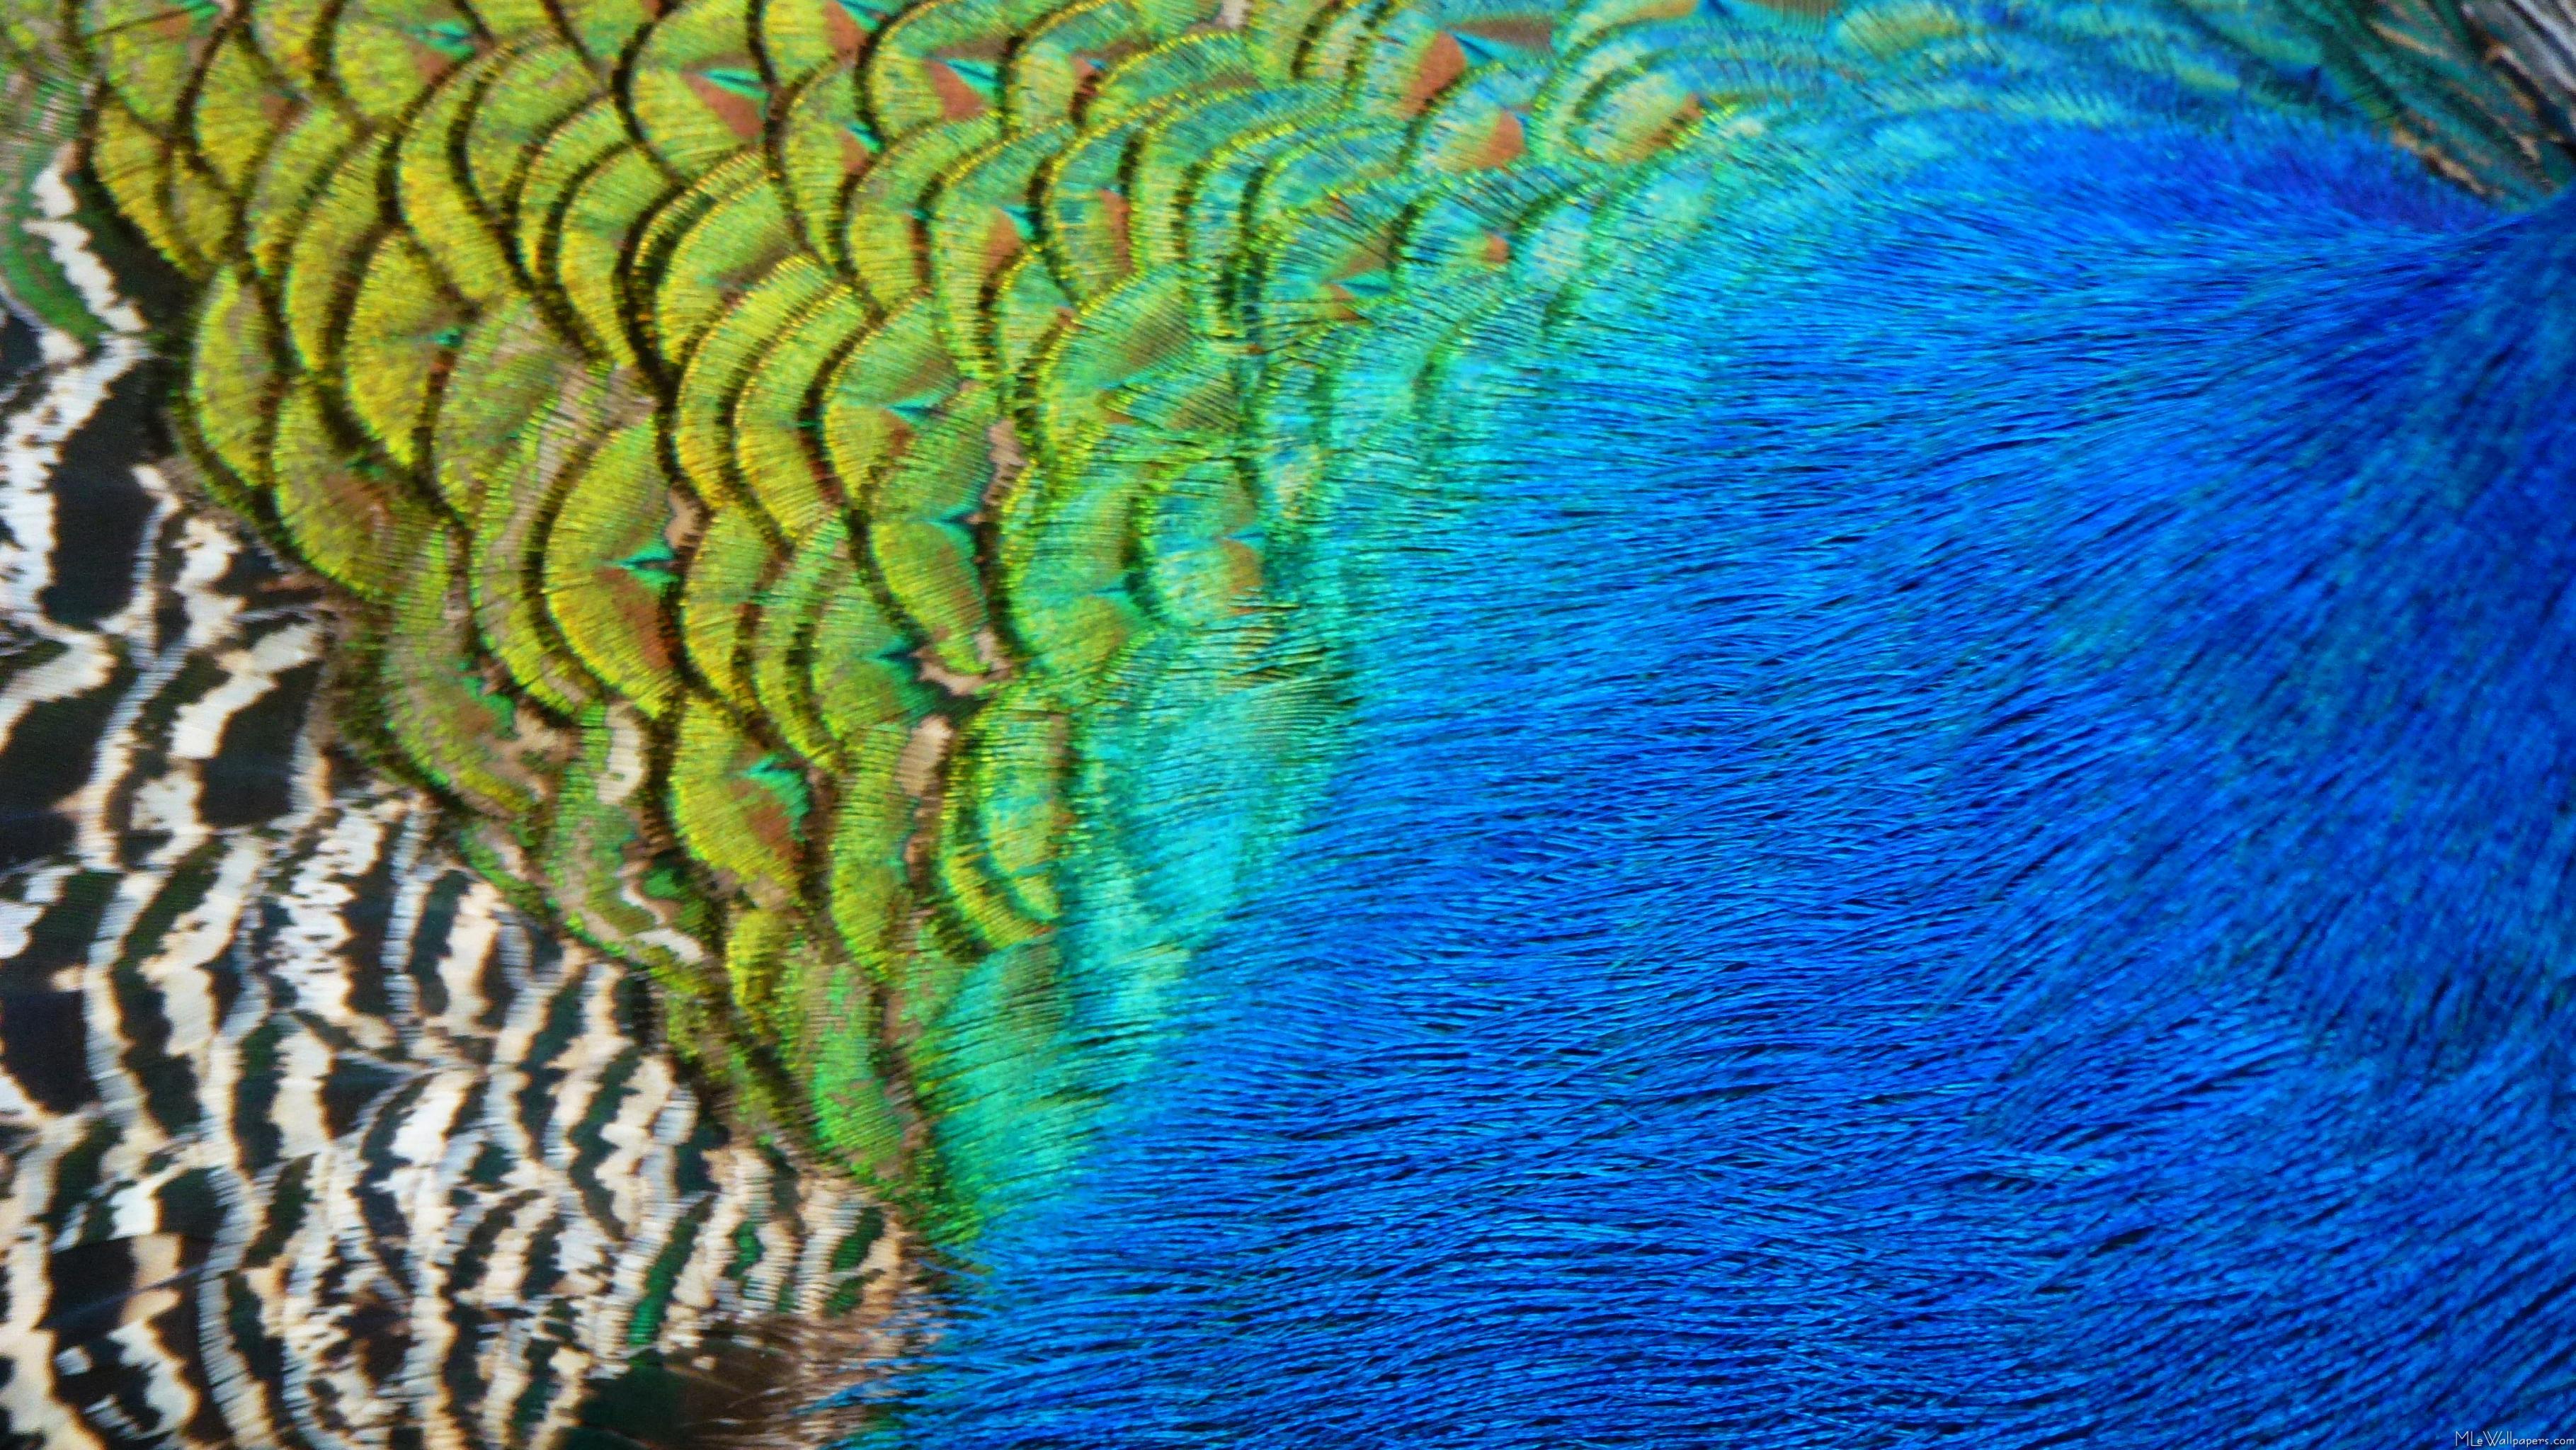 Peacock Blue Wallpaper - WallpaperSafari - photo#8